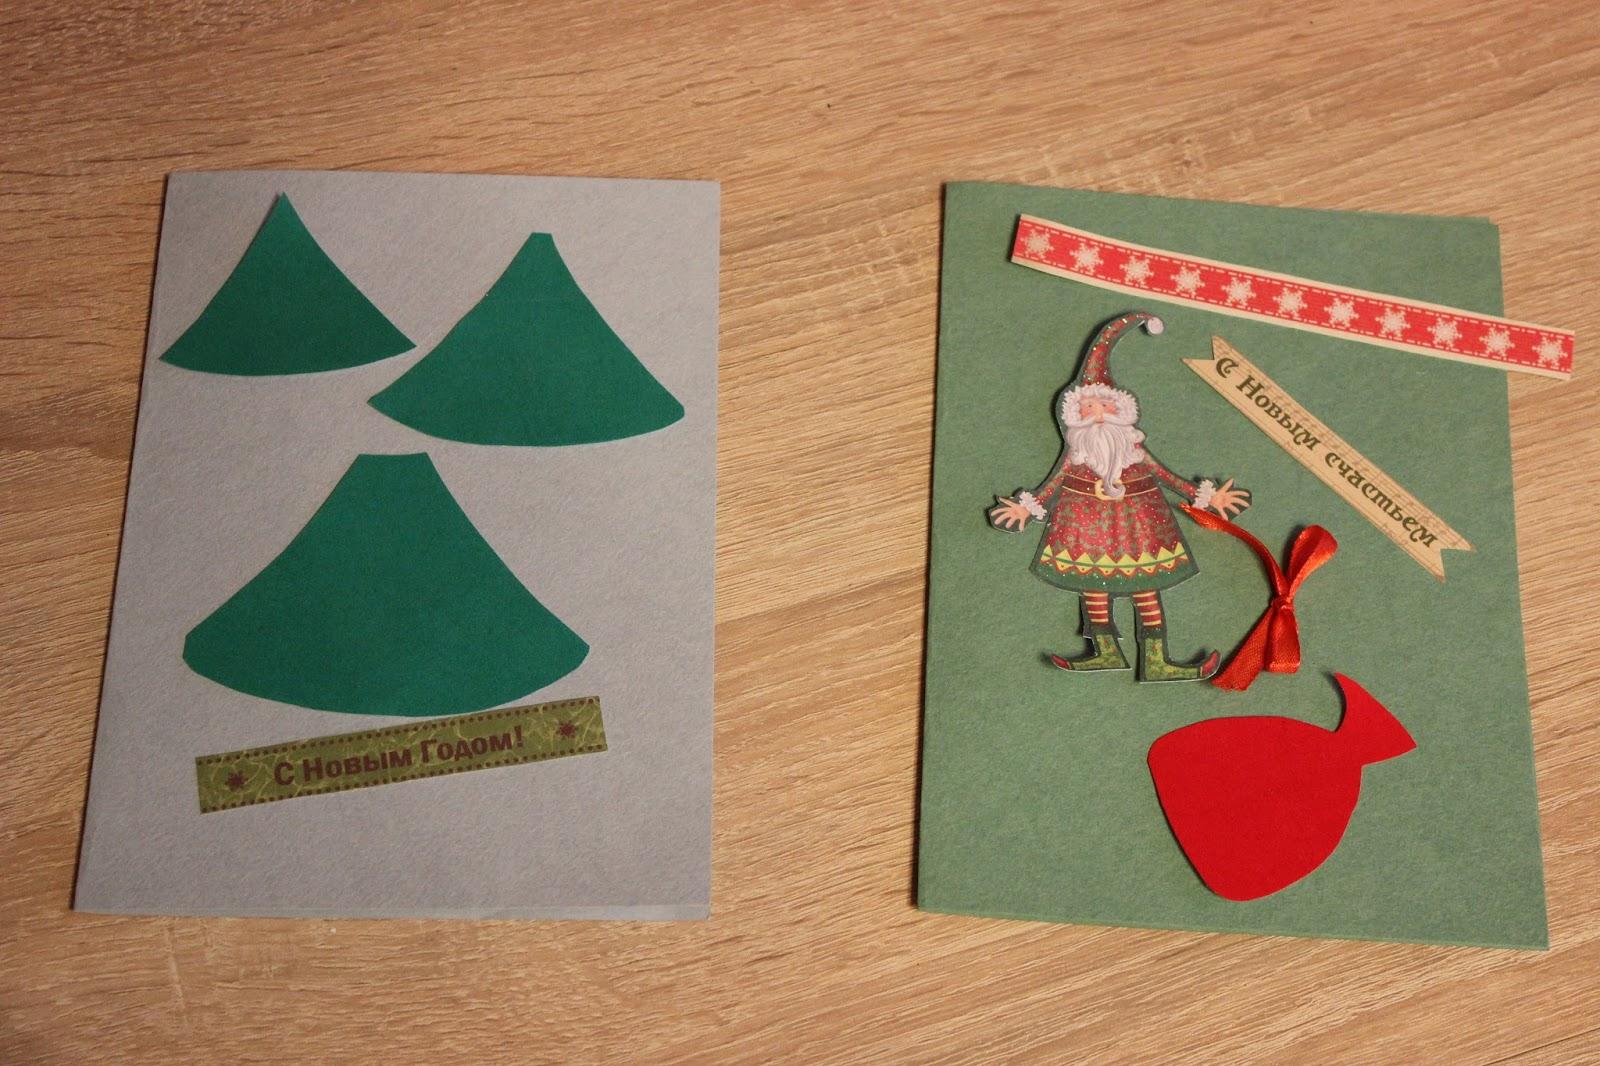 Оригинальные открытки своими руками для дедушки